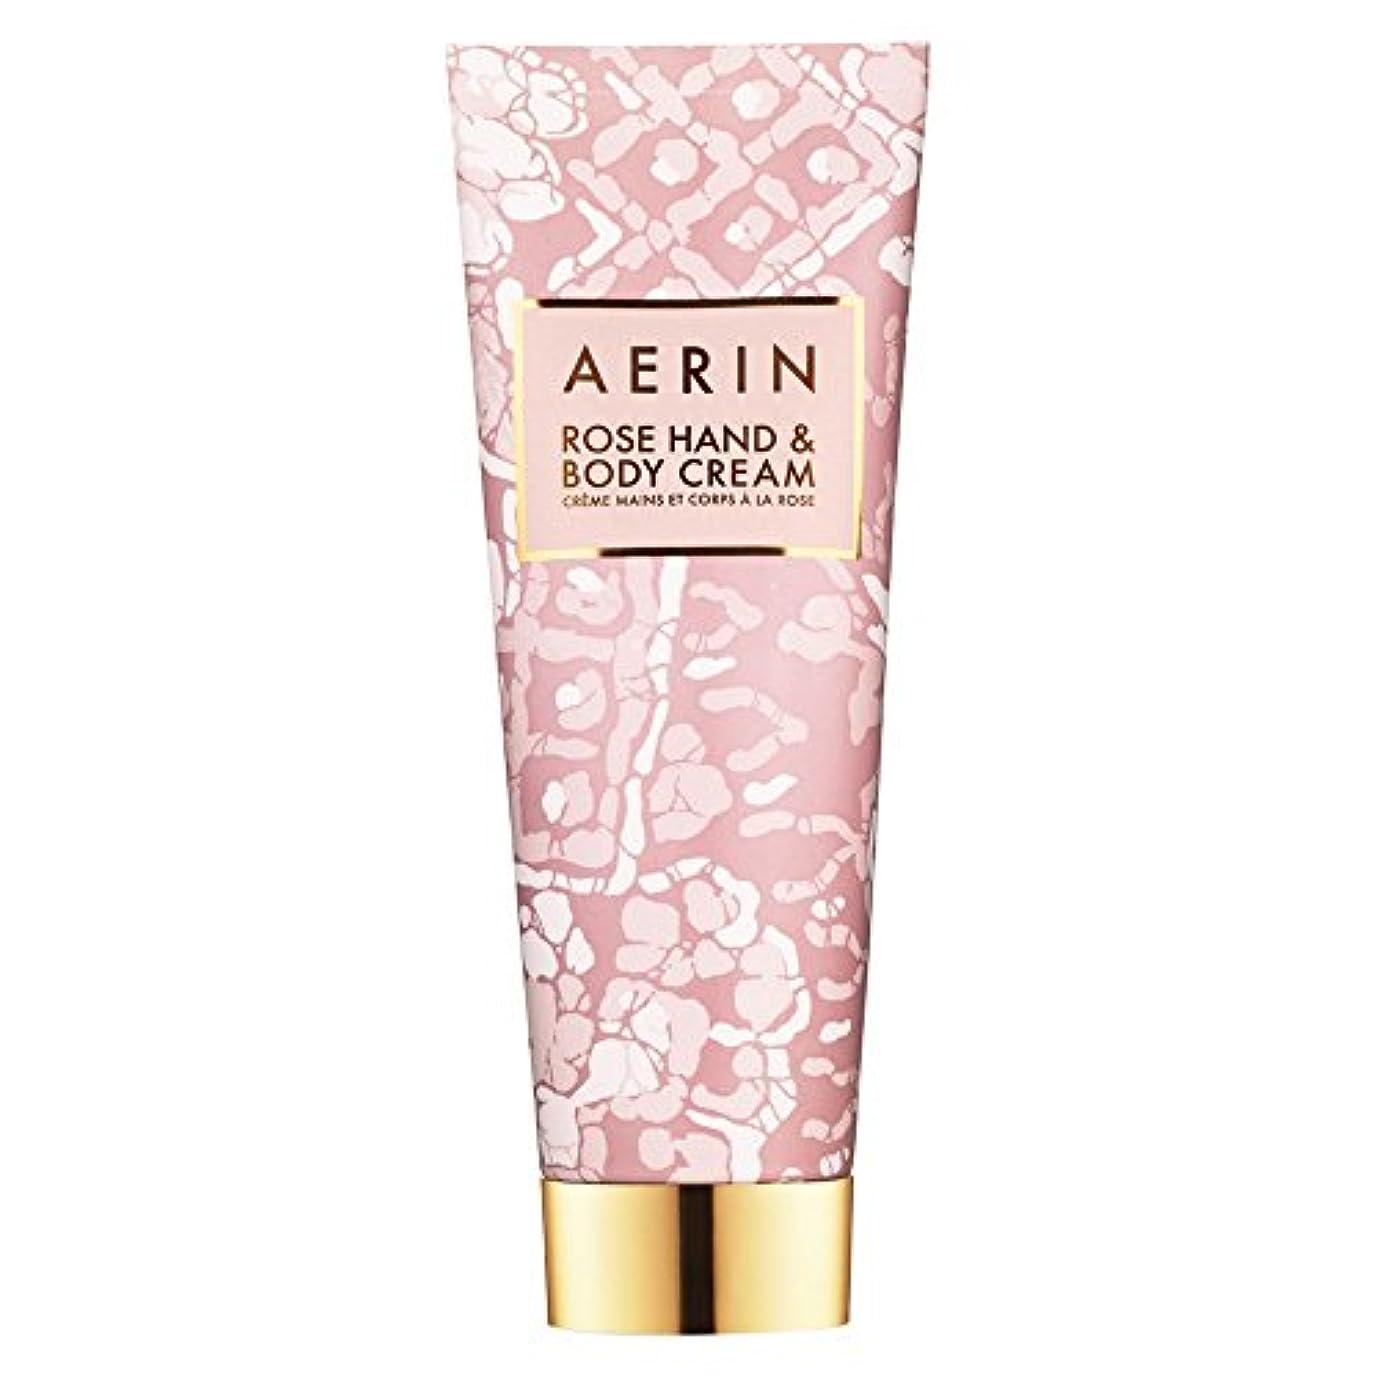 痴漢並外れて土Aerinはハンド&ボディクリーム125ミリリットルをバラ (AERIN) (x2) - AERIN Rose Hand & Body Cream 125ml (Pack of 2) [並行輸入品]